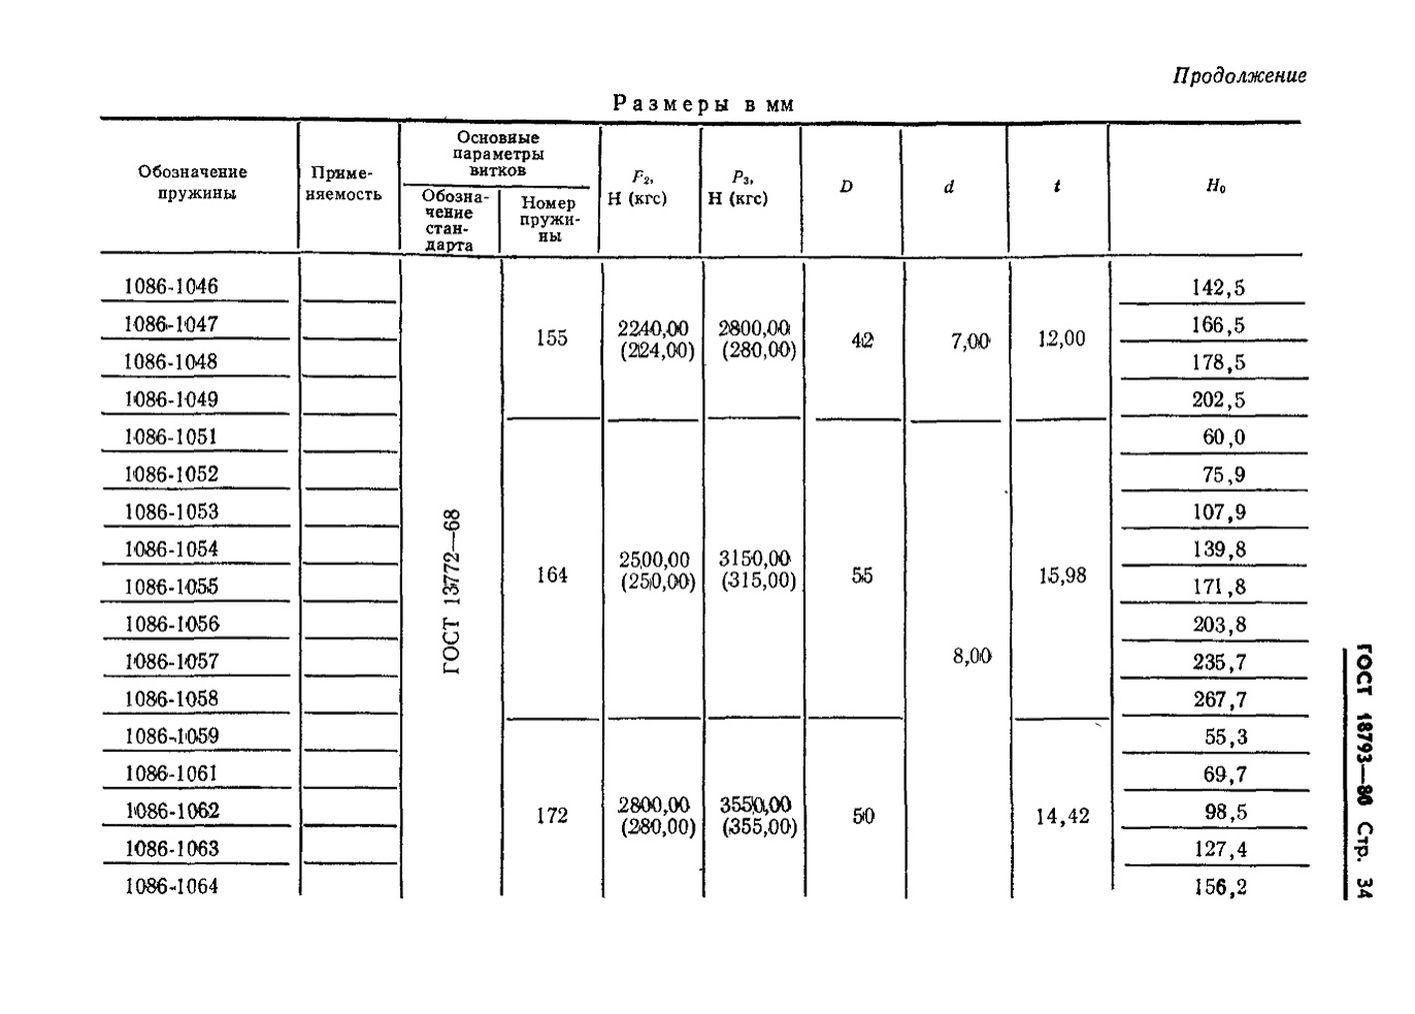 Пружины сжатия ГОСТ 18793-80 стр.34